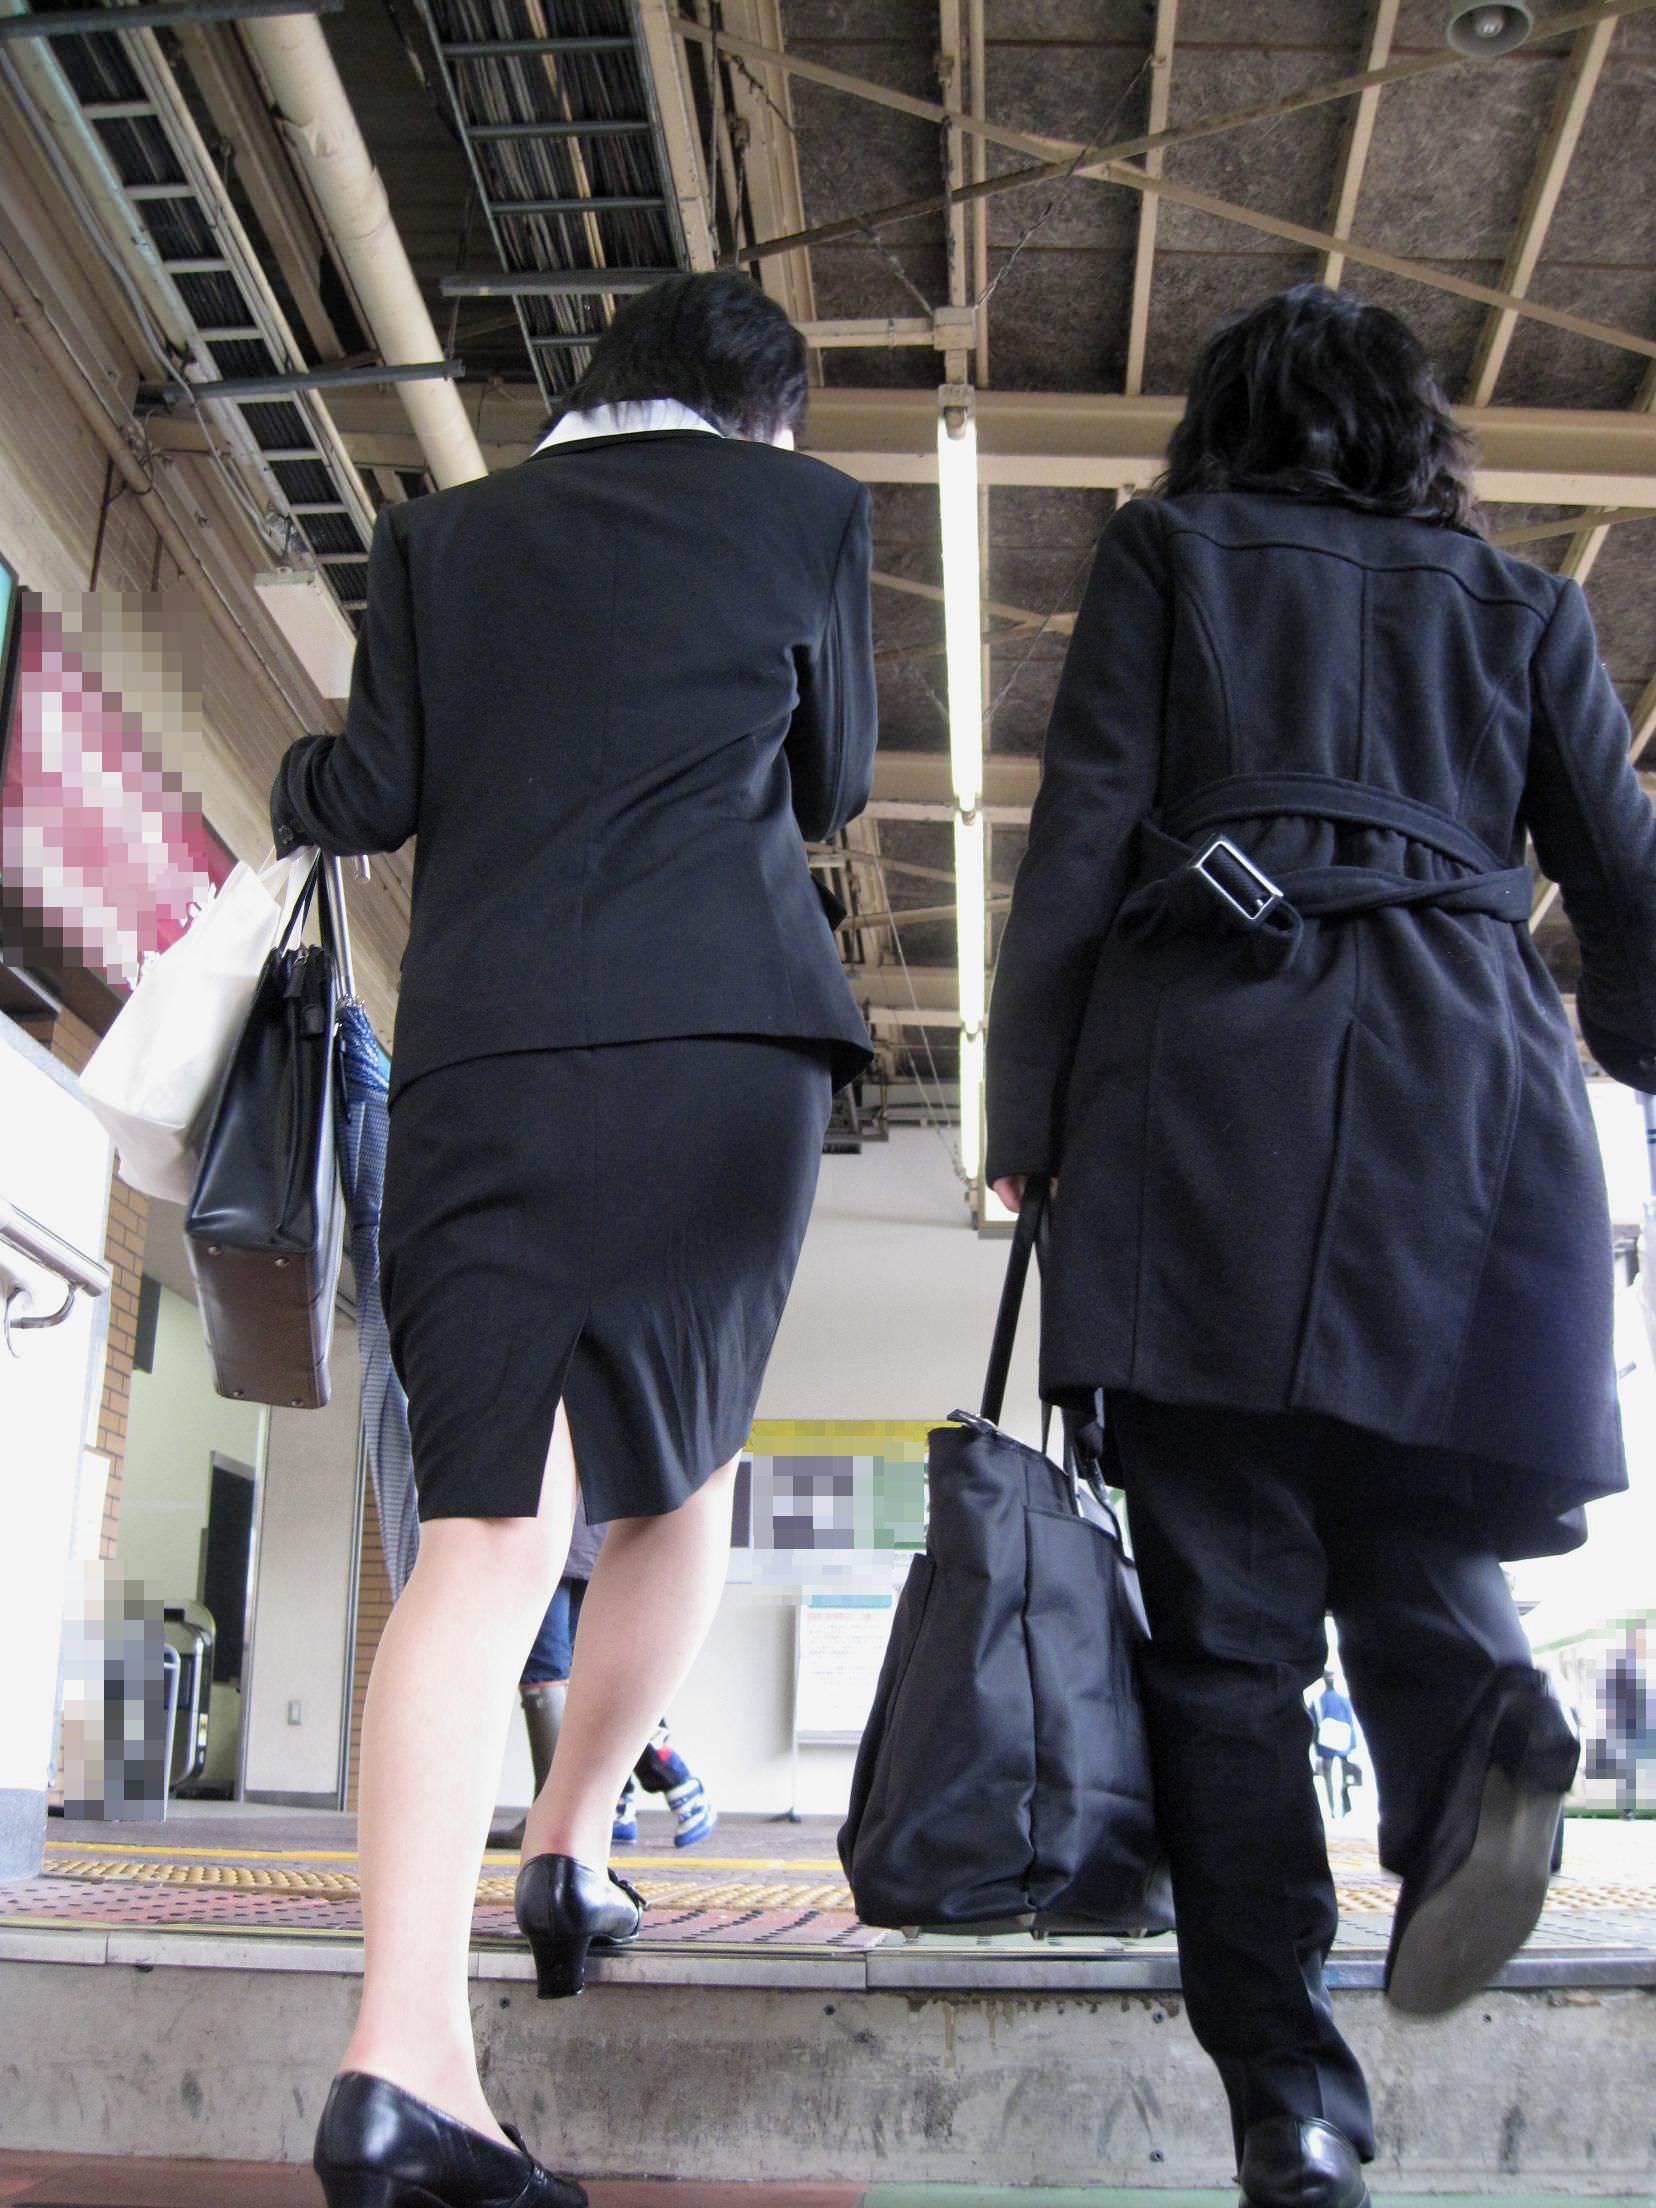 お尻の形が丸わかりなOLさんを尾行して街撮り盗撮www 3078